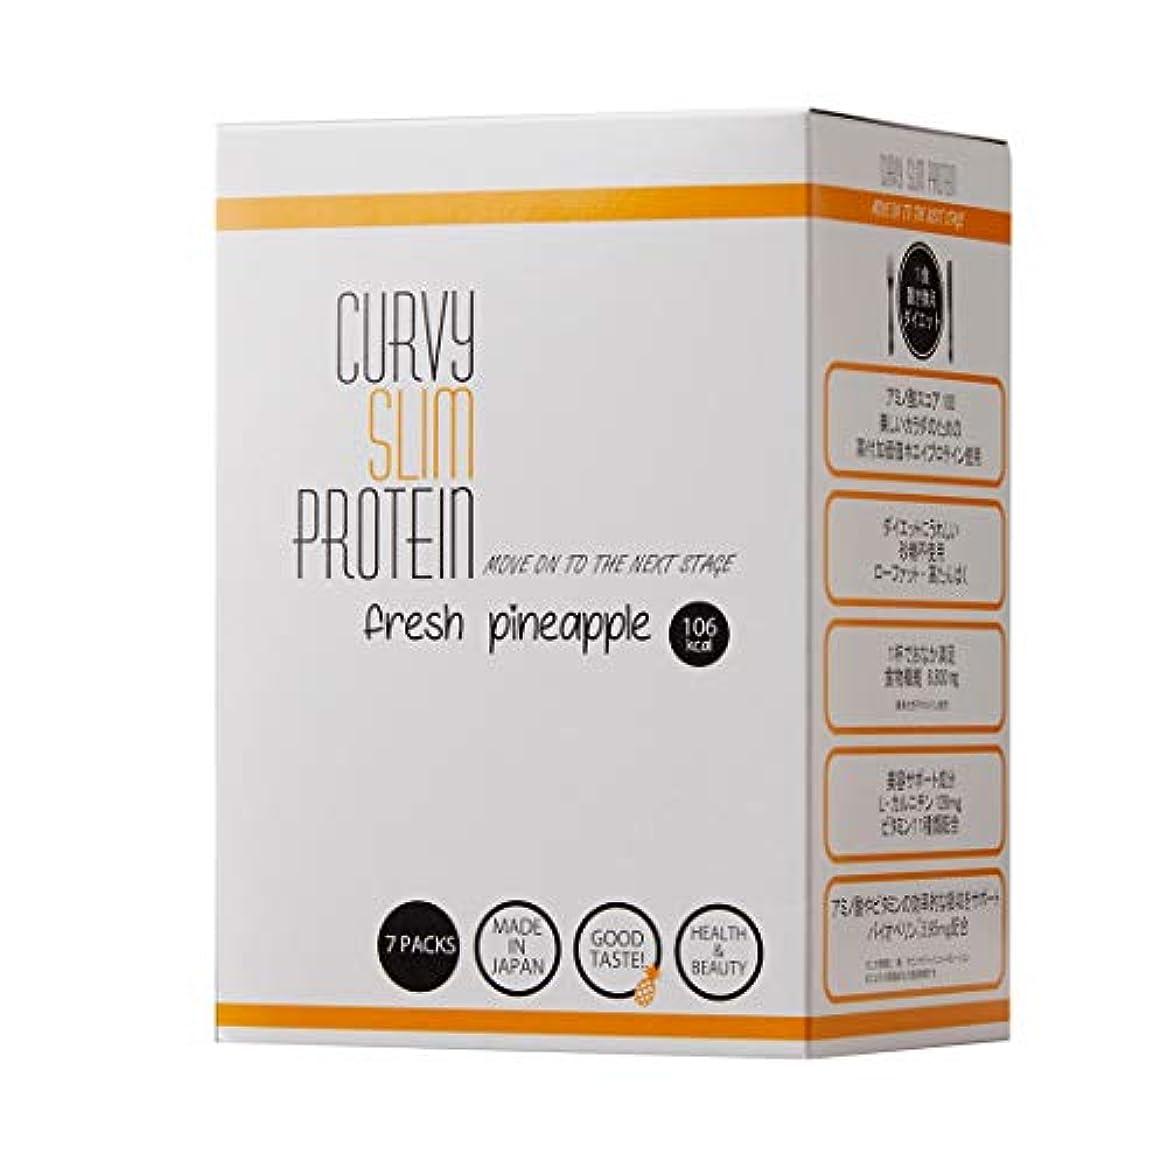 拡声器粒ストライクカーヴィースリム® プロテイン フレッシュパイナップル 置き換え ダイエット 7包(7食分)